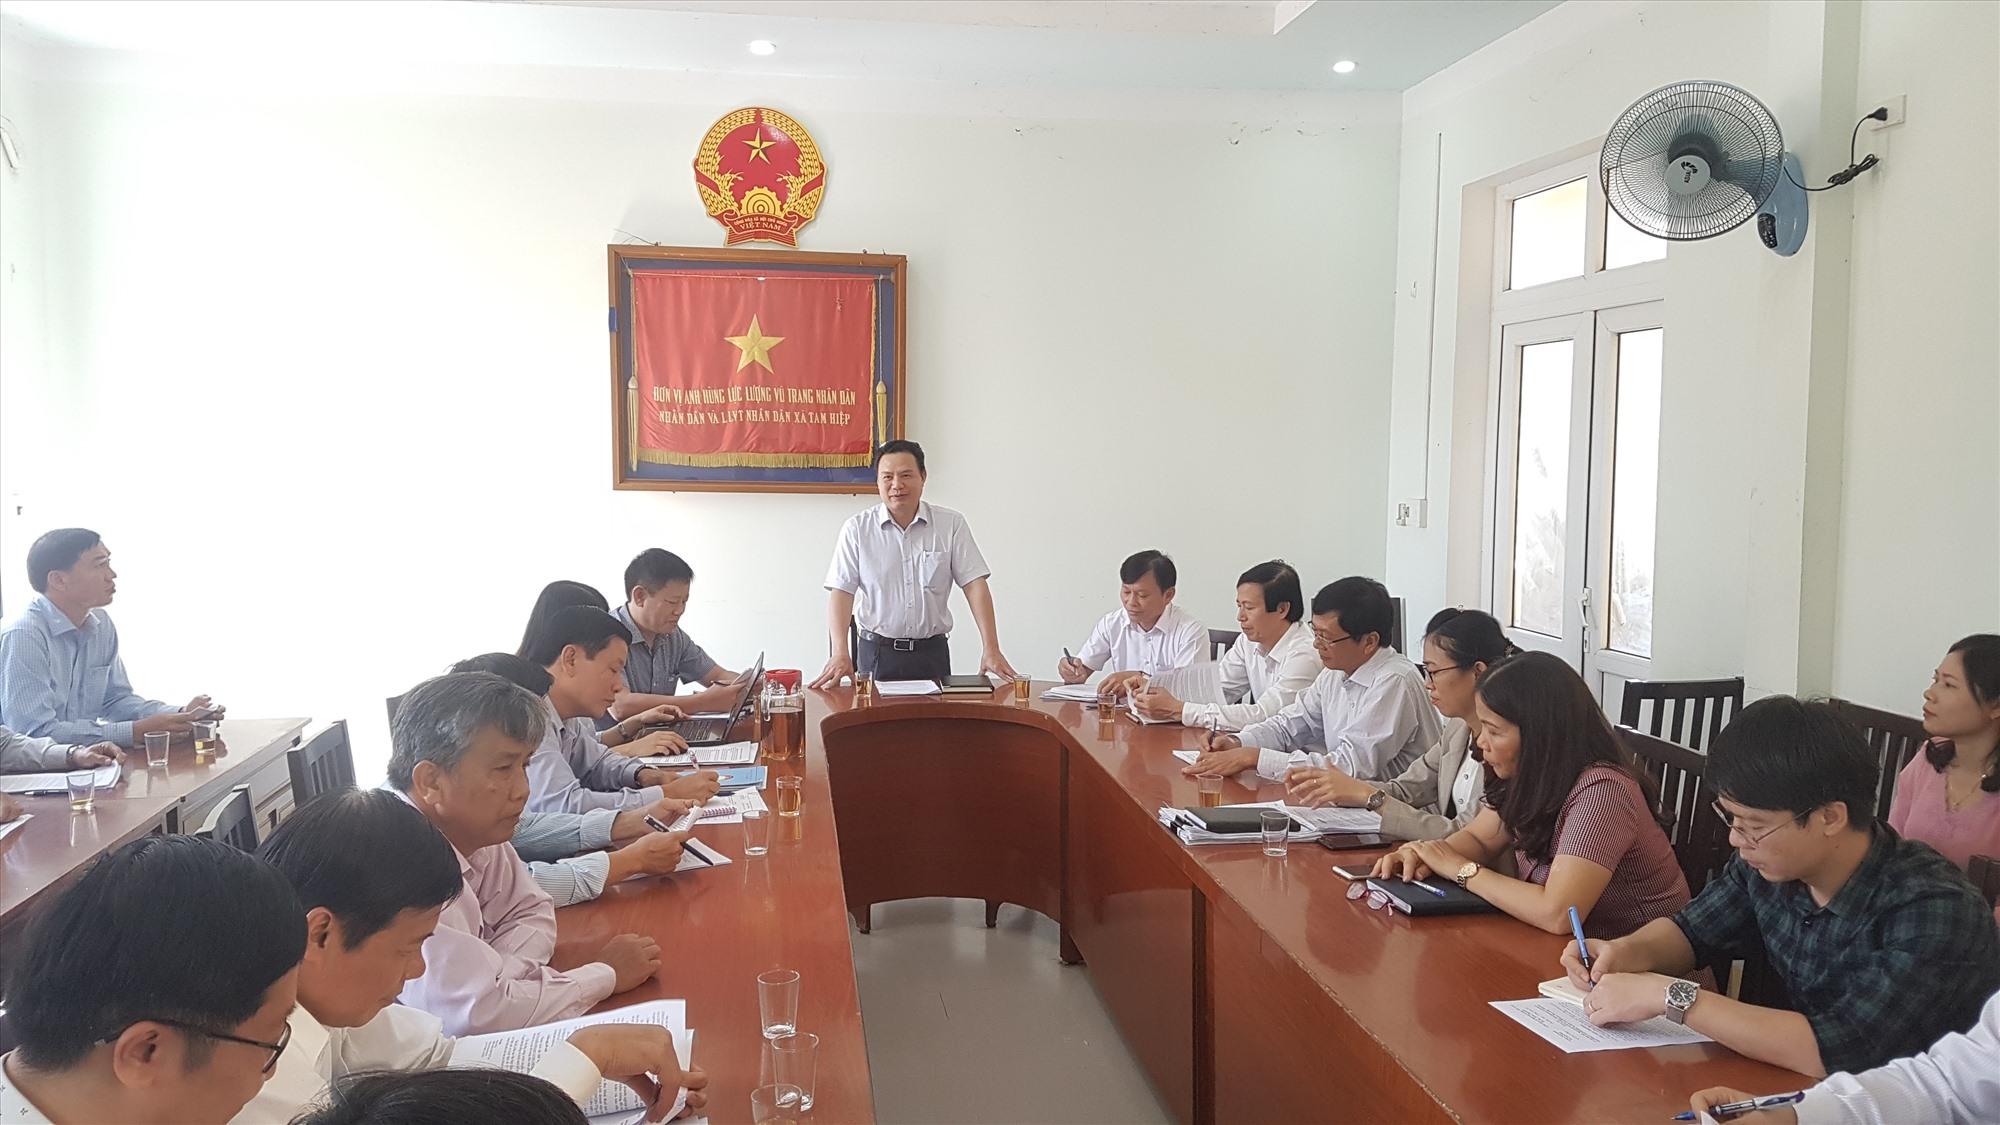 Thứ trưởng Bộ LĐ-TB&XH Lê Văn Thanh cùng đoàn công tác sẽ ghi nhận những kiến nghị của địa phương. Ảnh: D.L